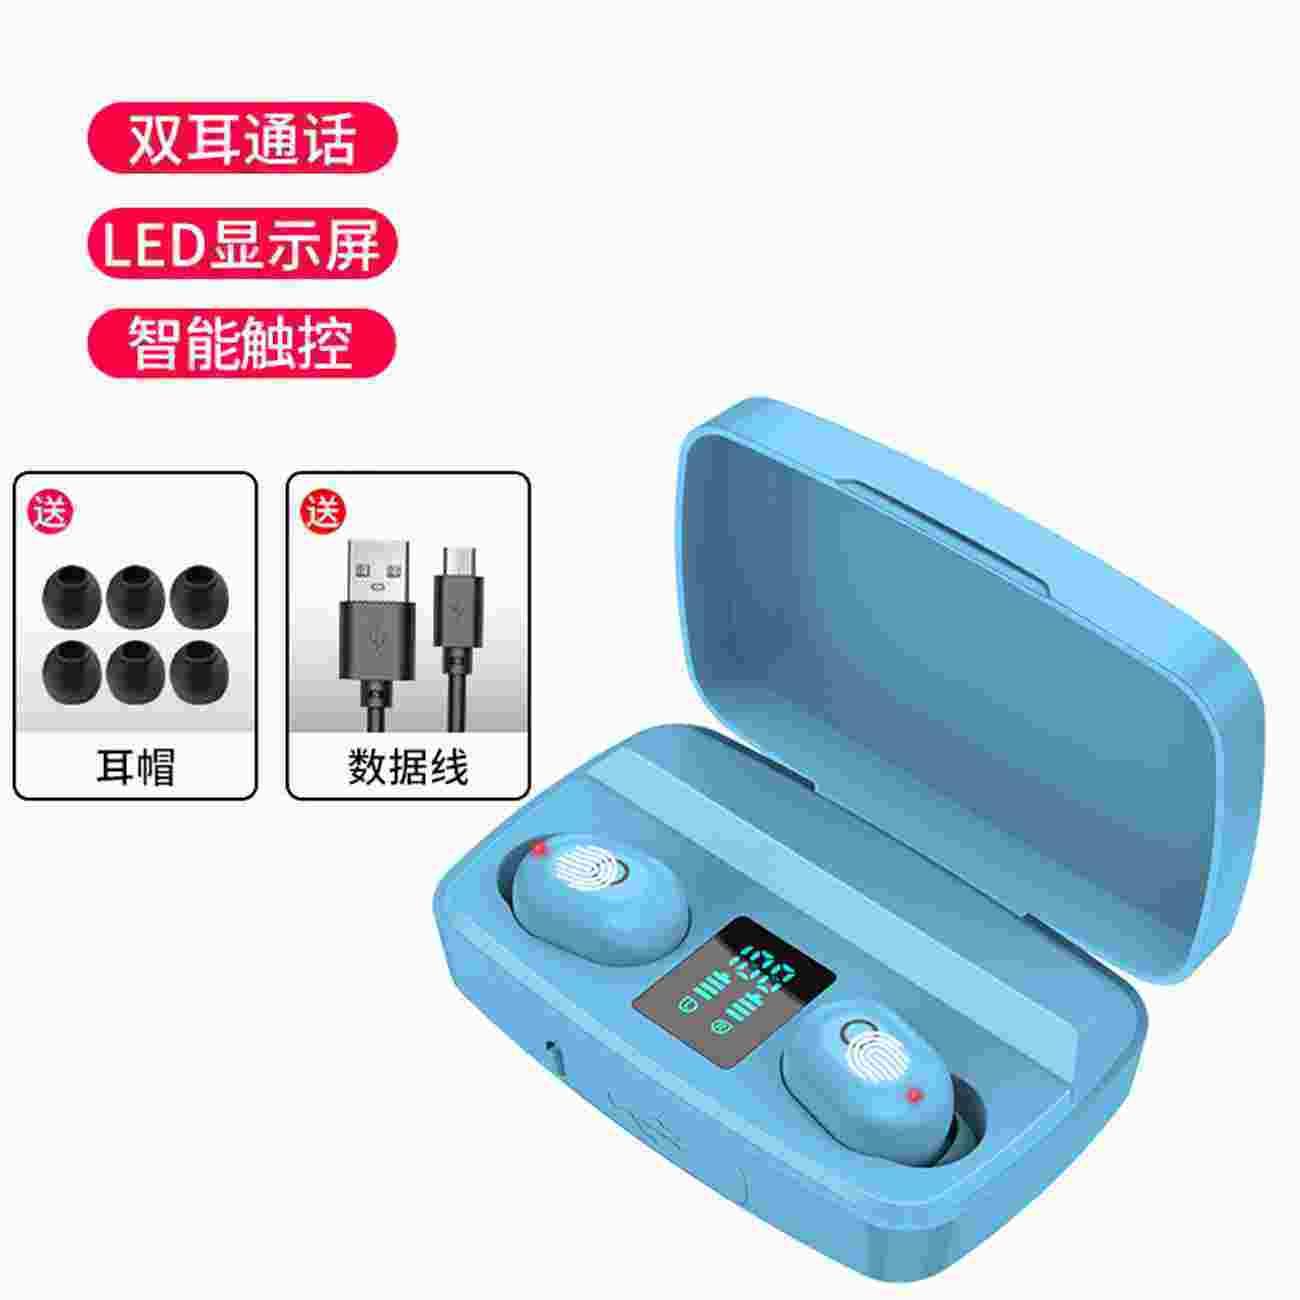 力量威8BK-J38蓝牙耳机  蓝牙5.0/收纳充电盒/防水防汗/智能触控   力量威蓝牙耳机厂家